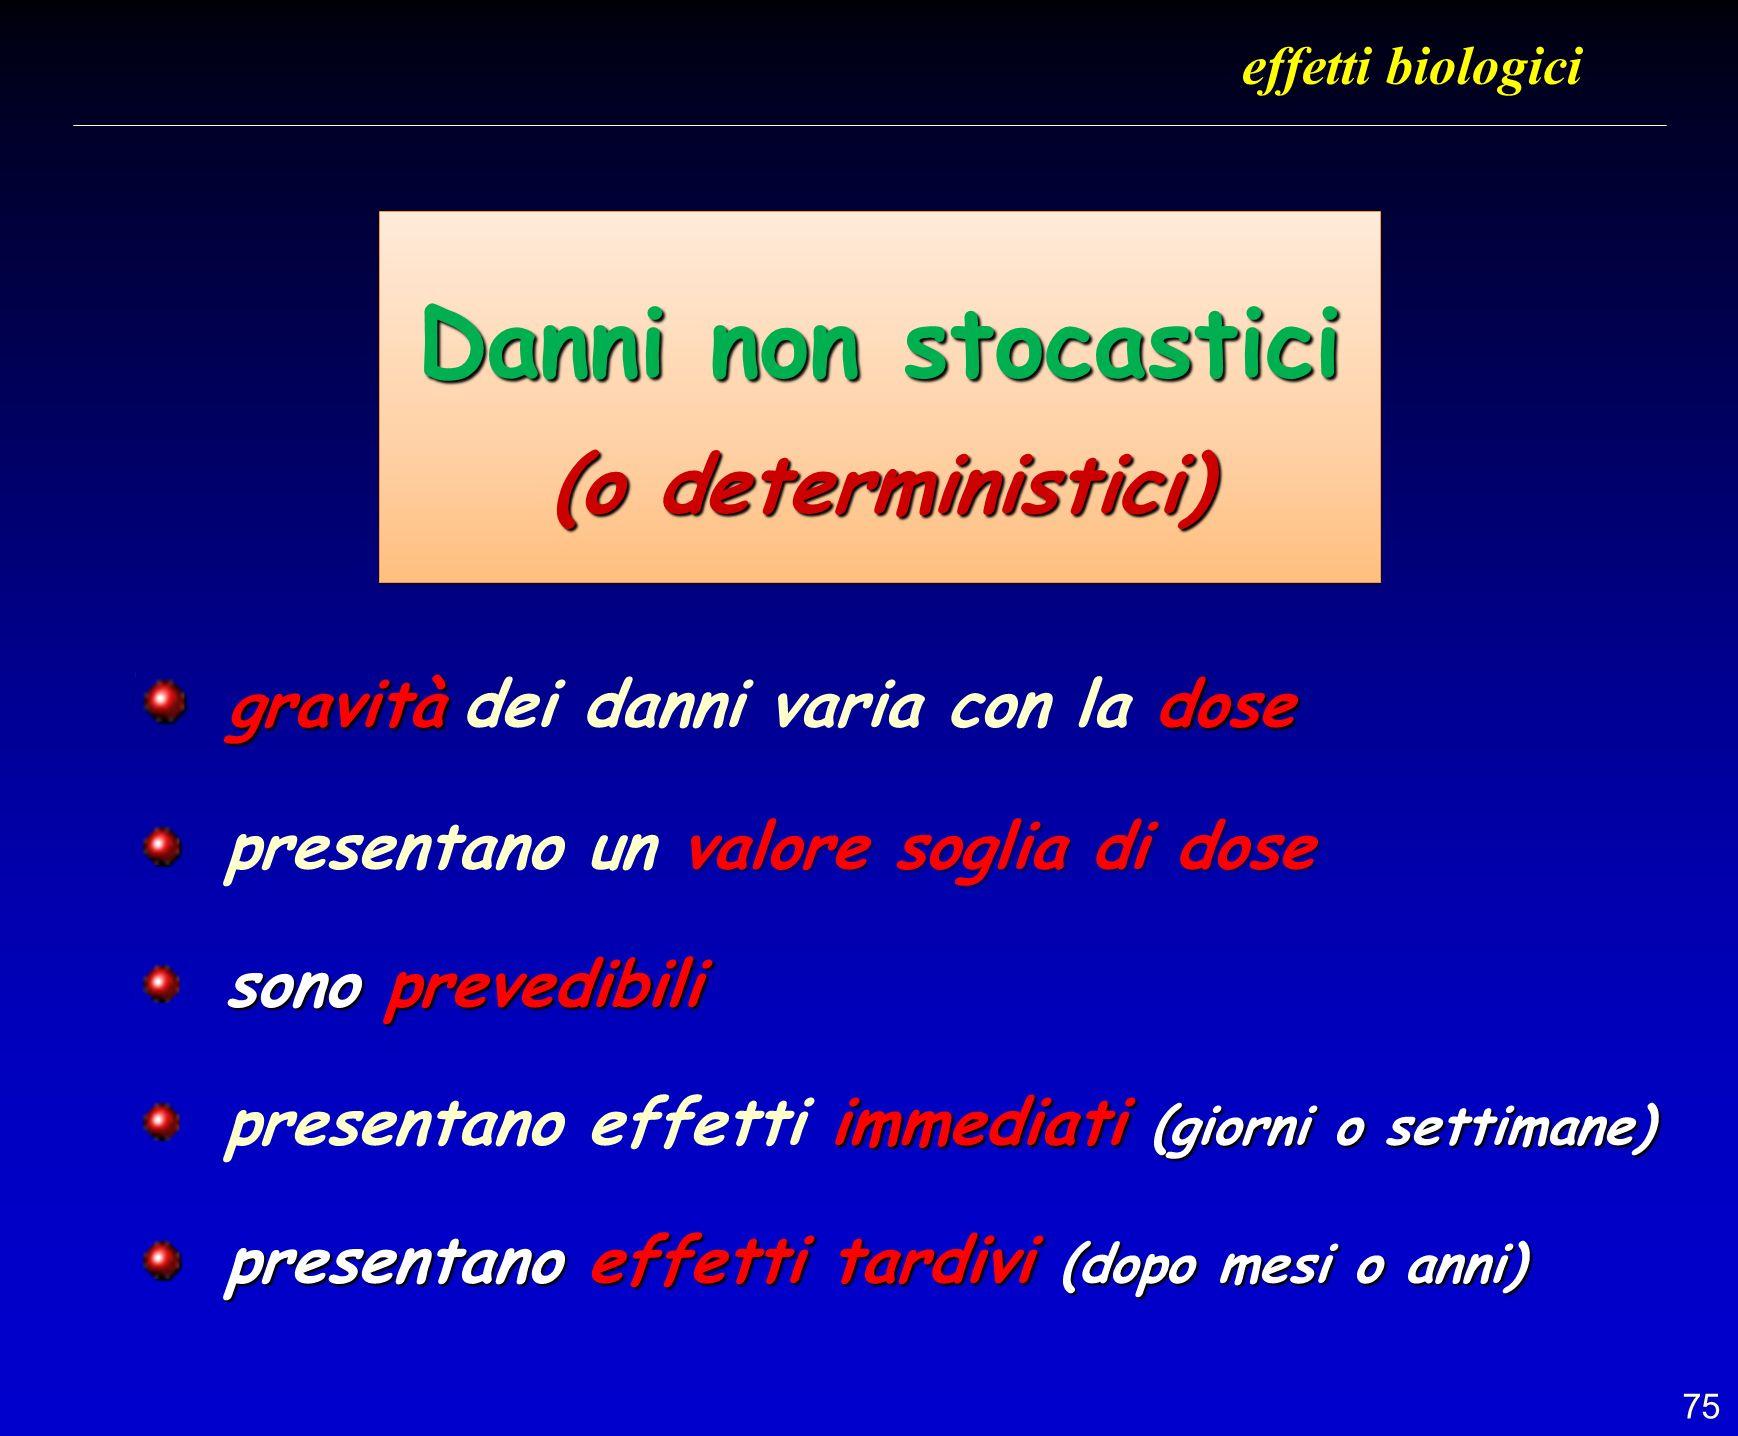 Danni non stocastici (o deterministici)